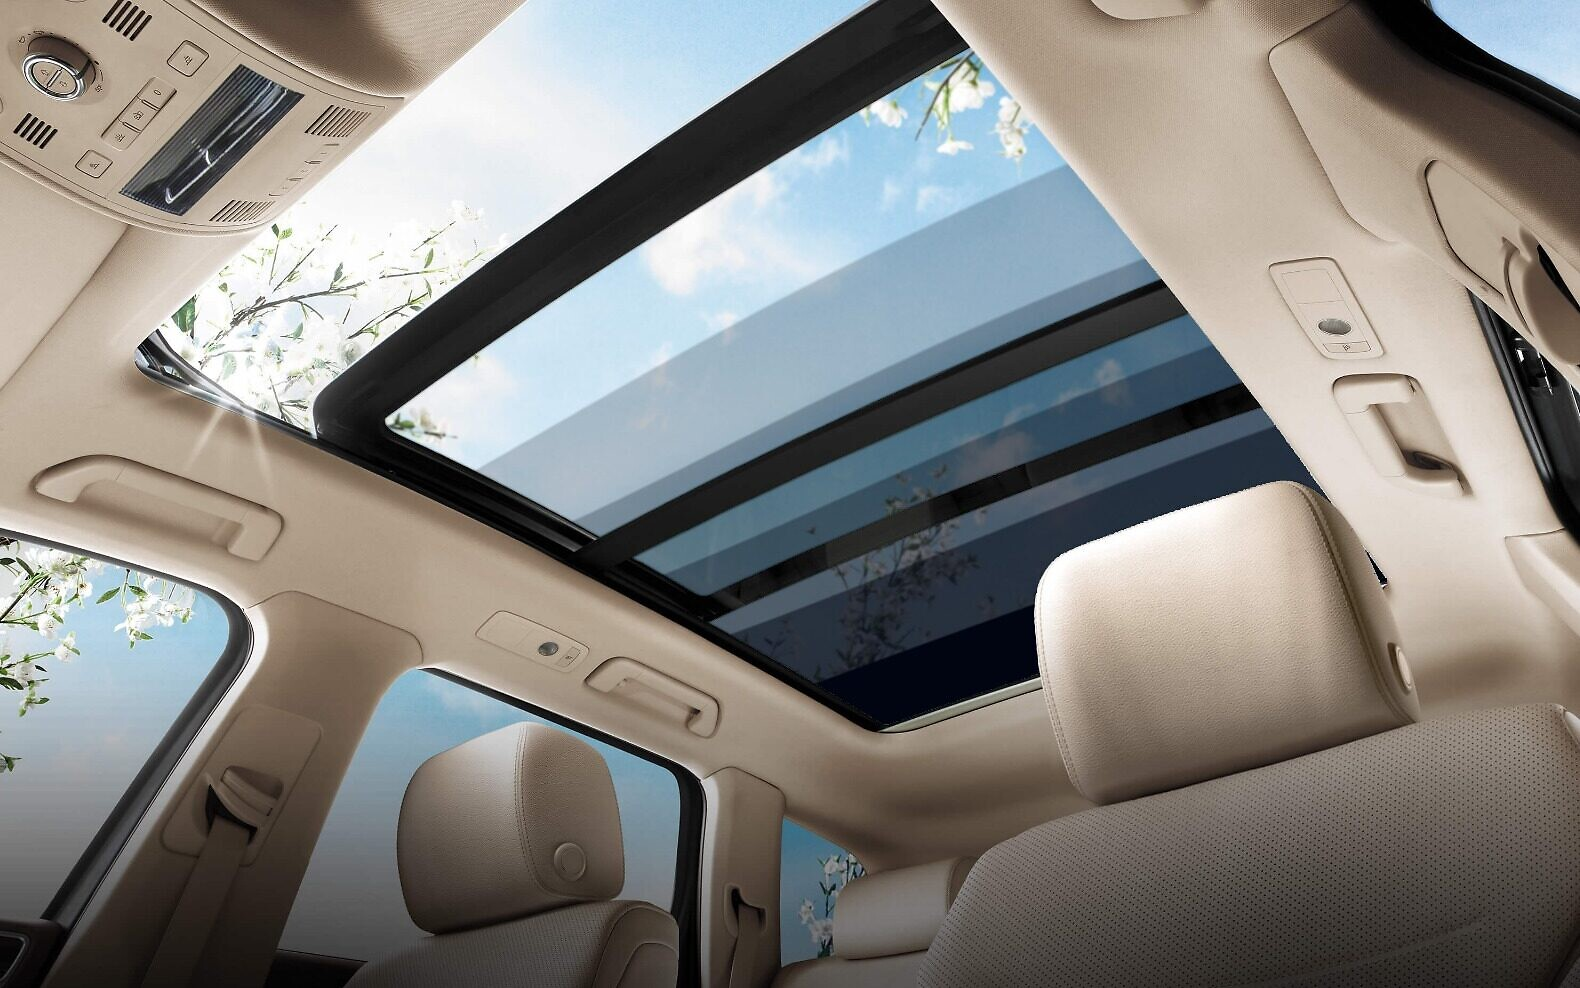 Hyundai інвестує в розробку «розумного» скла для авто (ВІДЕО) - автомобілі, Hyundai - WhatsApp Image 2020 04 23 at 13.43.13 1 e1587644764765